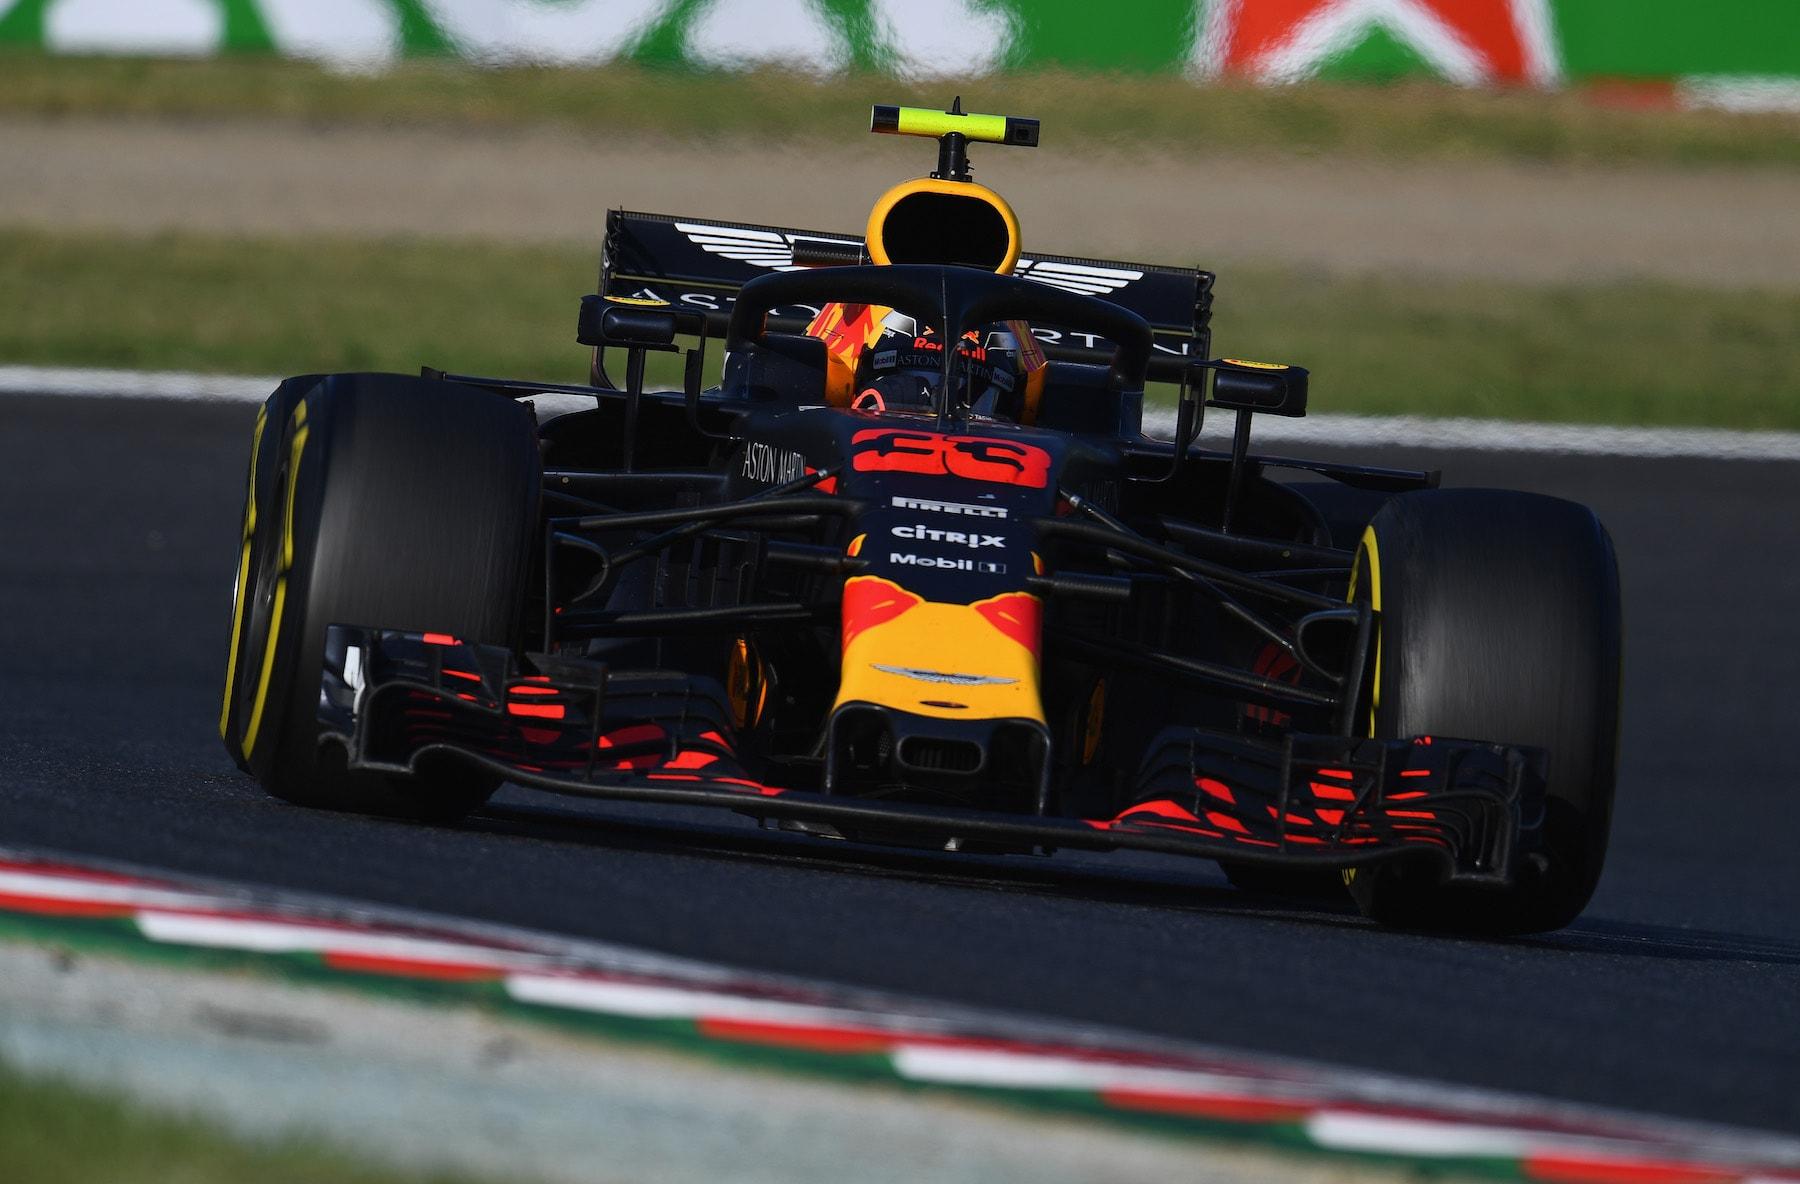 H 2018 Max Verstappen | Red Bull RB14 | 2018 Japanese GP P3 3 copy.jpg